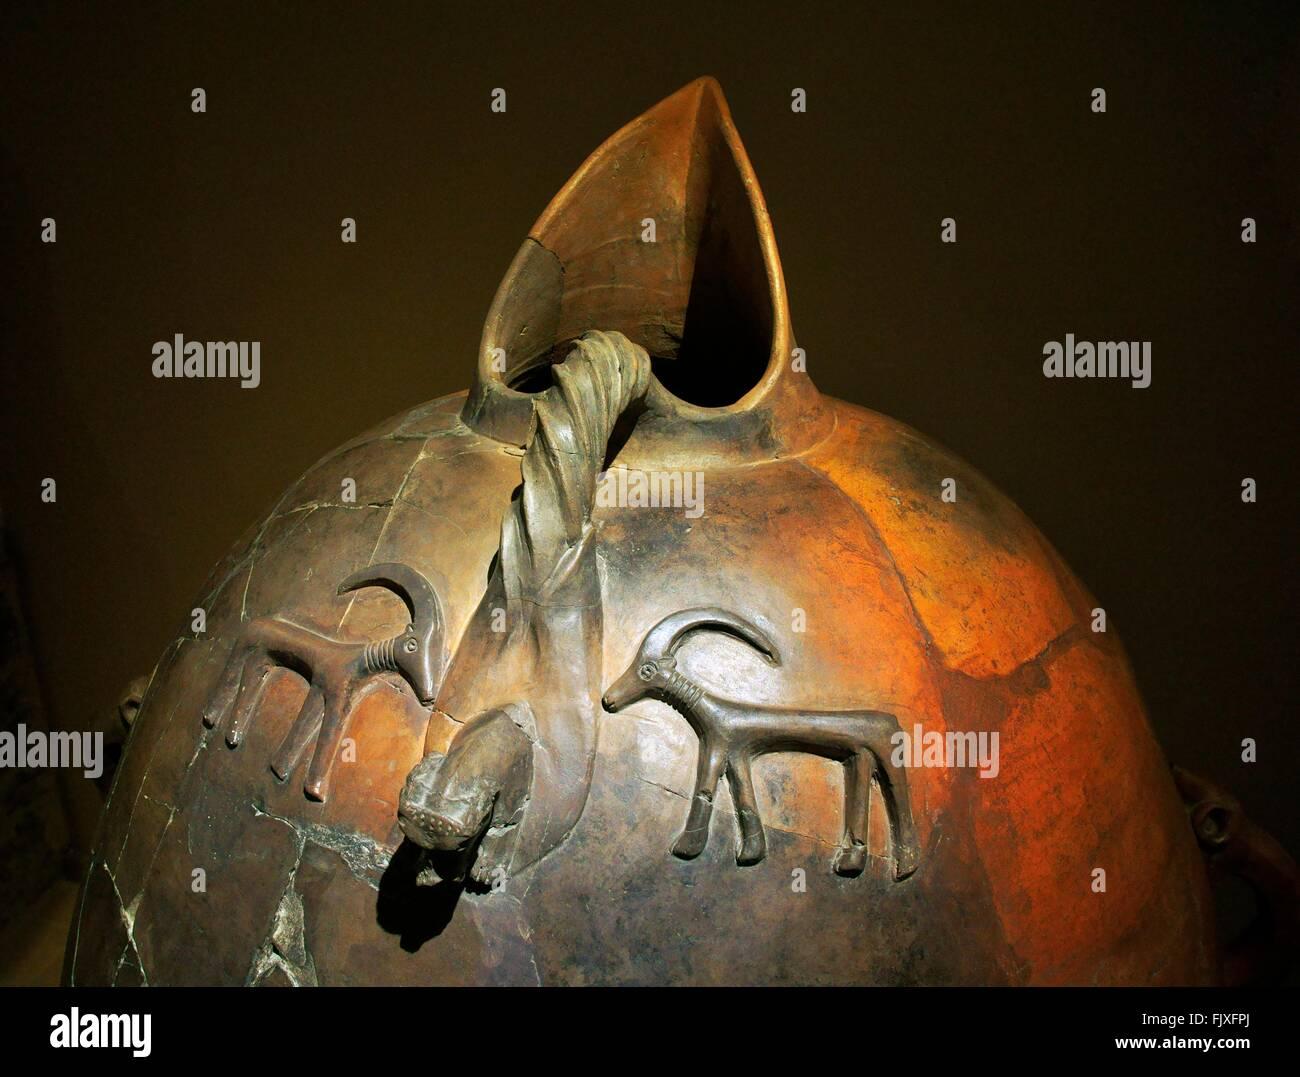 Grande becco insufflato in terracotta di storage pithos jar da Bogazkoy 16C BC. Museo delle Civiltà Anatoliche, Immagini Stock